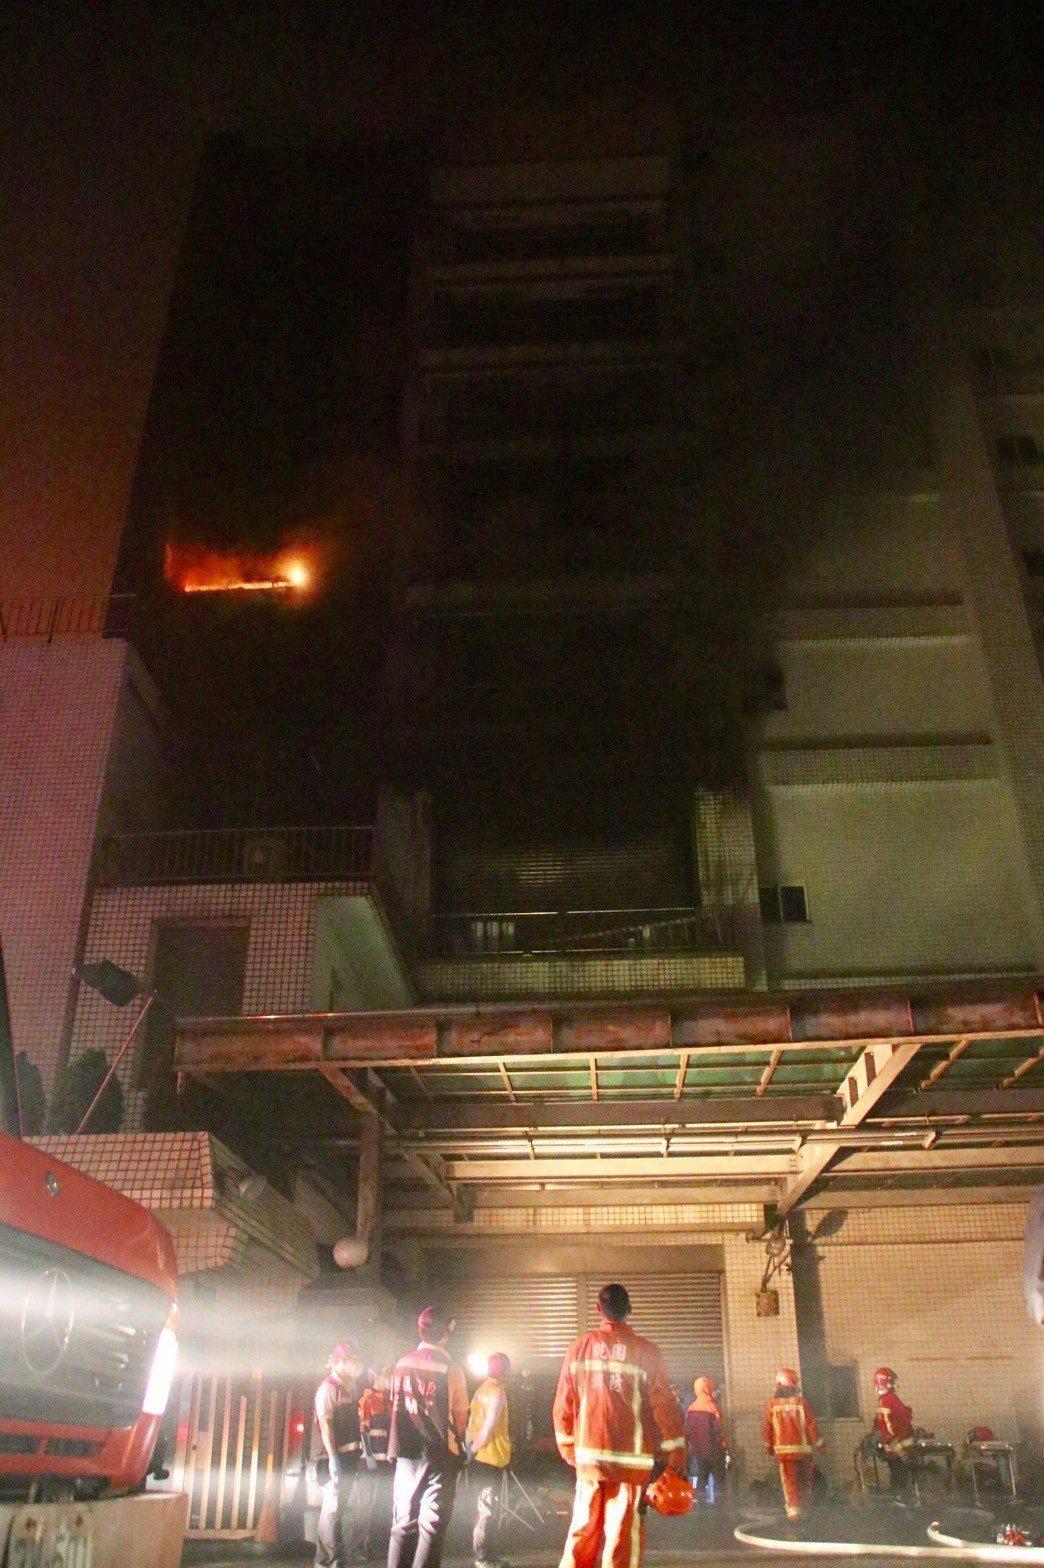 敬鵬工業位於桃園平鎮區廠房失火,消防局動員上百人搶救。 記者曾健祐/攝影